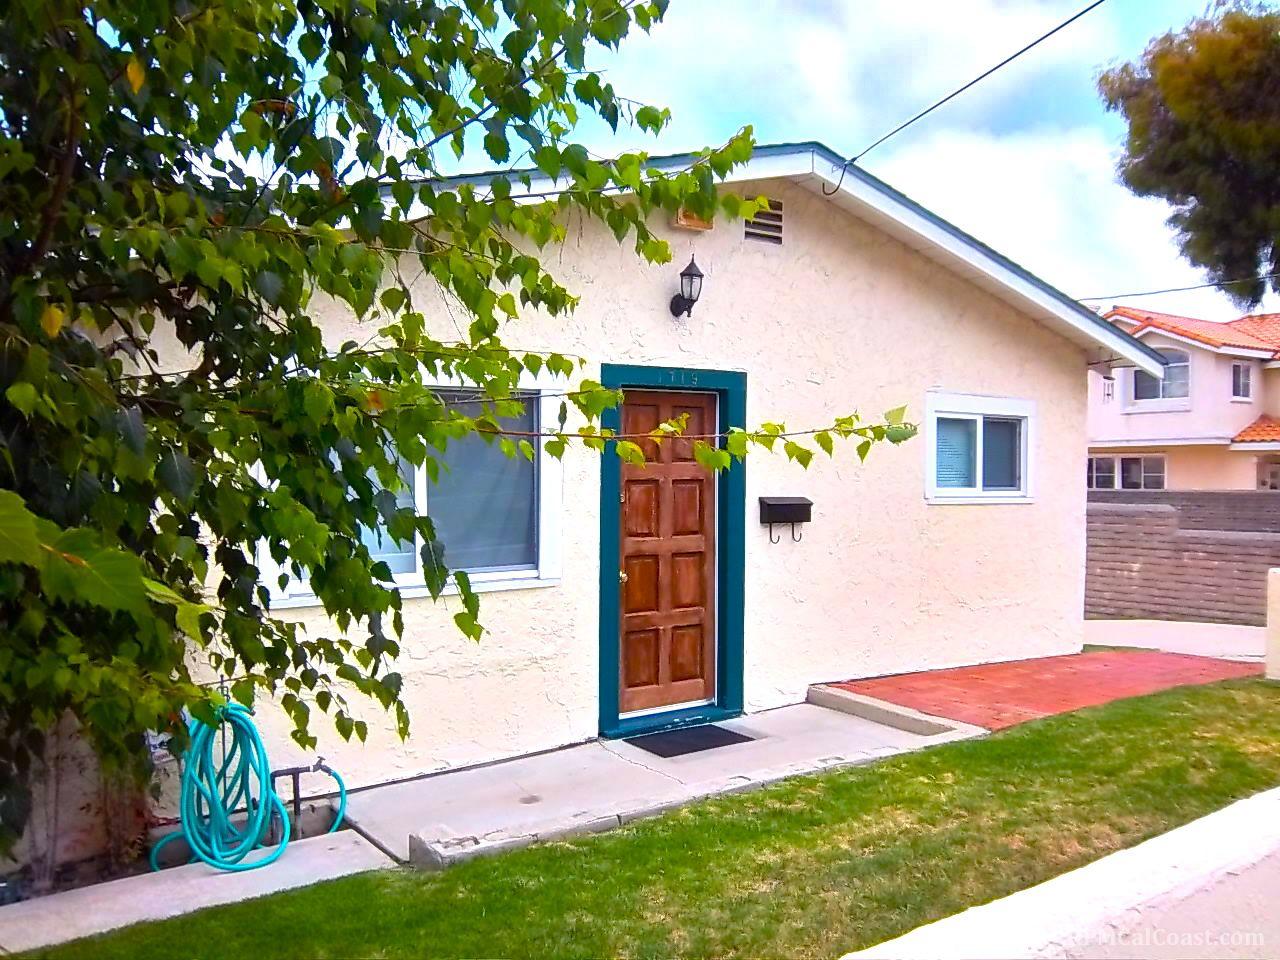 Redondo Beach Home, CA Real Estate Listing